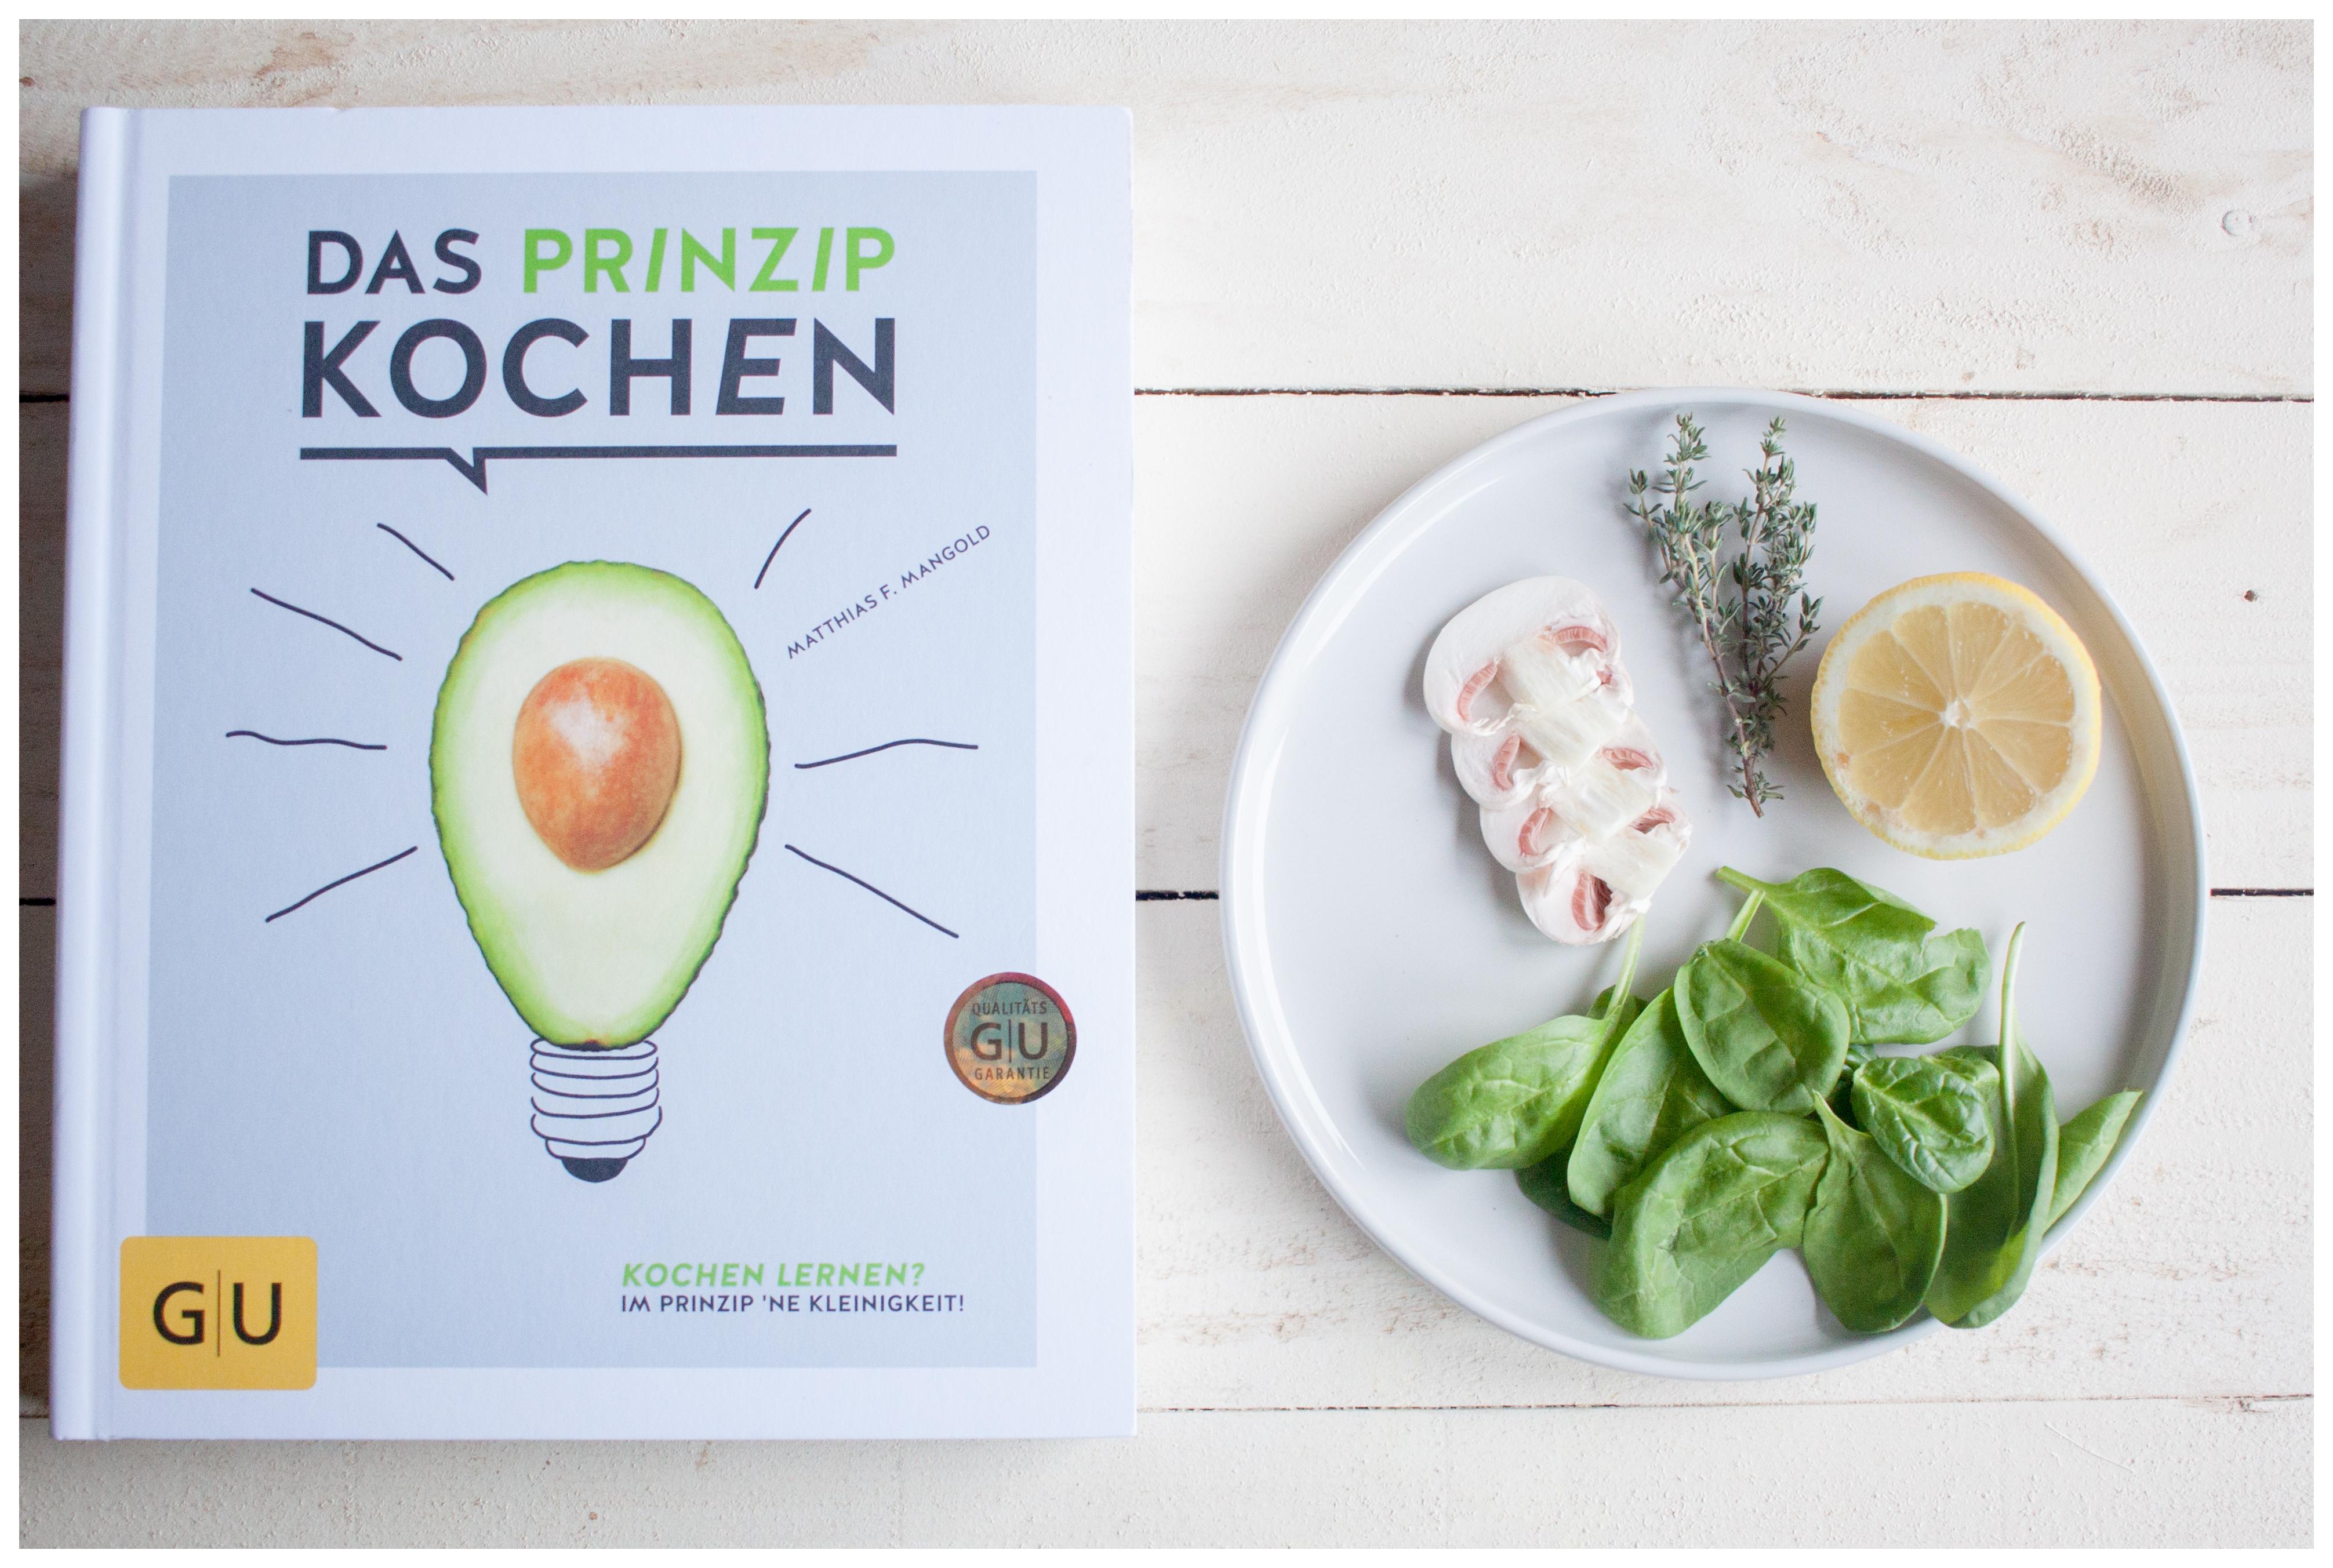 Das Prinzip Kochen - Ein Buch für Koochanfänger und Kochbegeisterte